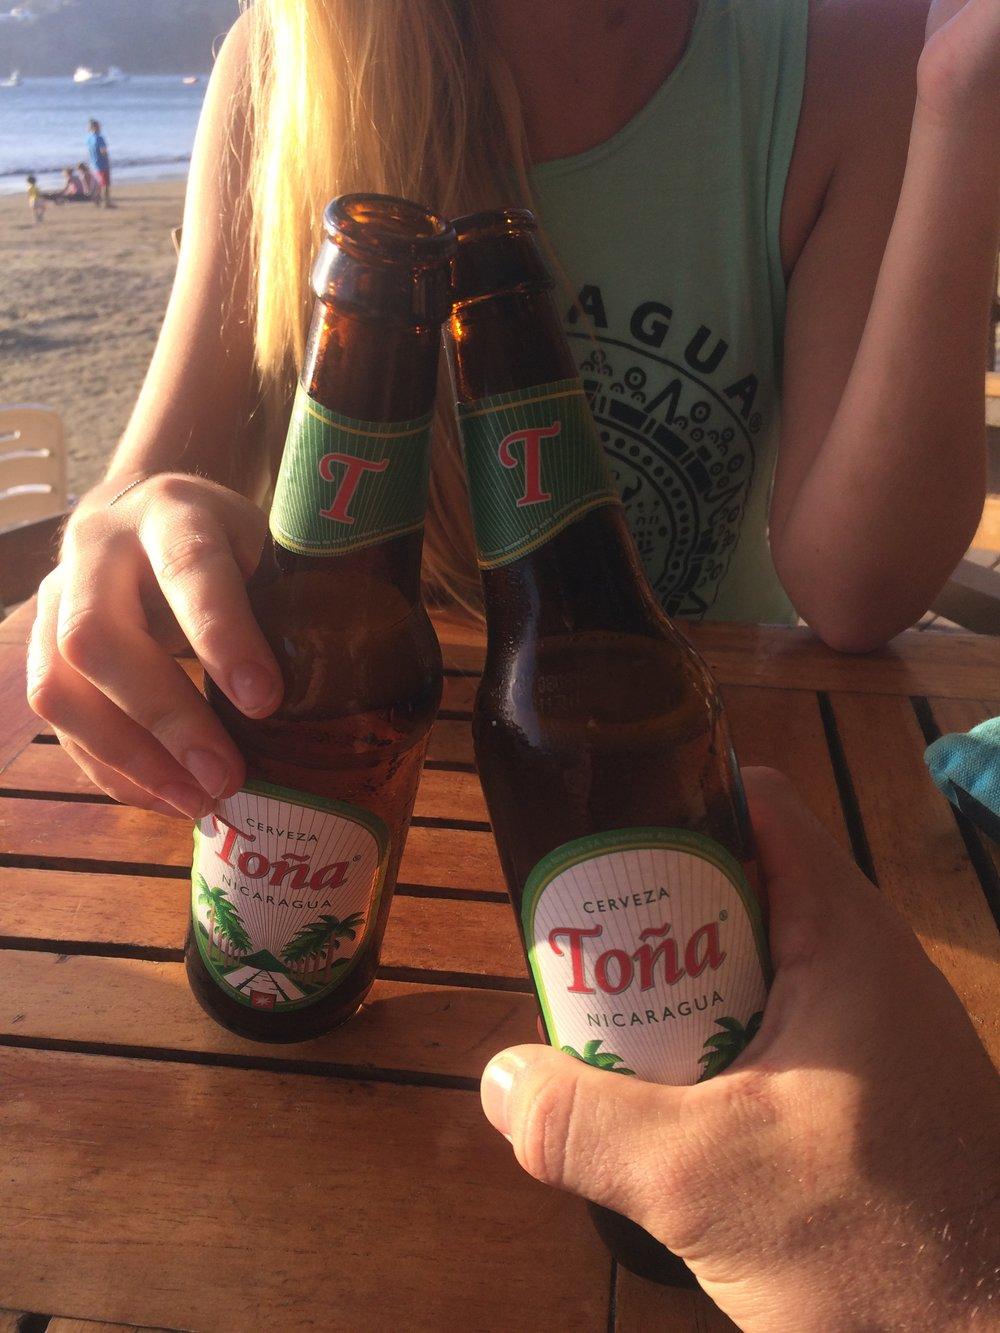 Toña Beer in Nicaragua